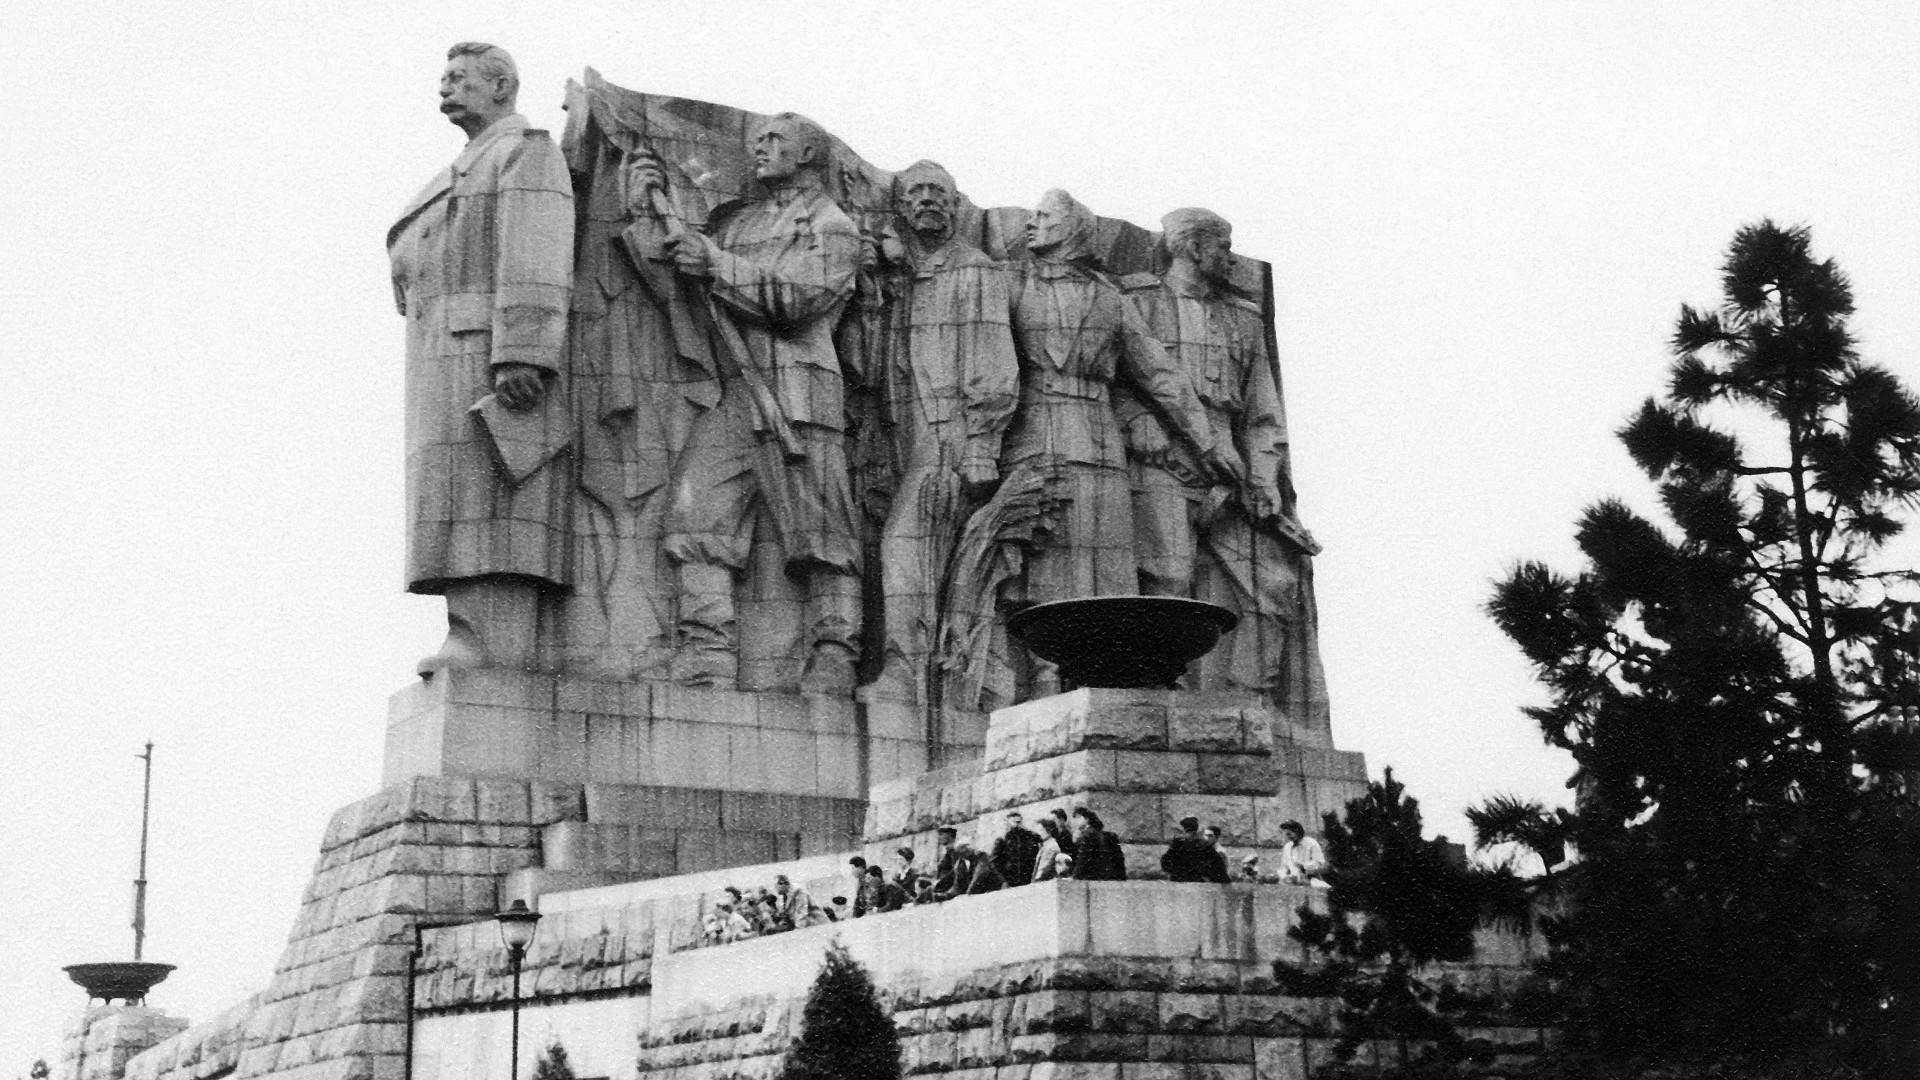 Spomenik Josifu Staljinu u Pragu, Čehoslovačka, 1956.